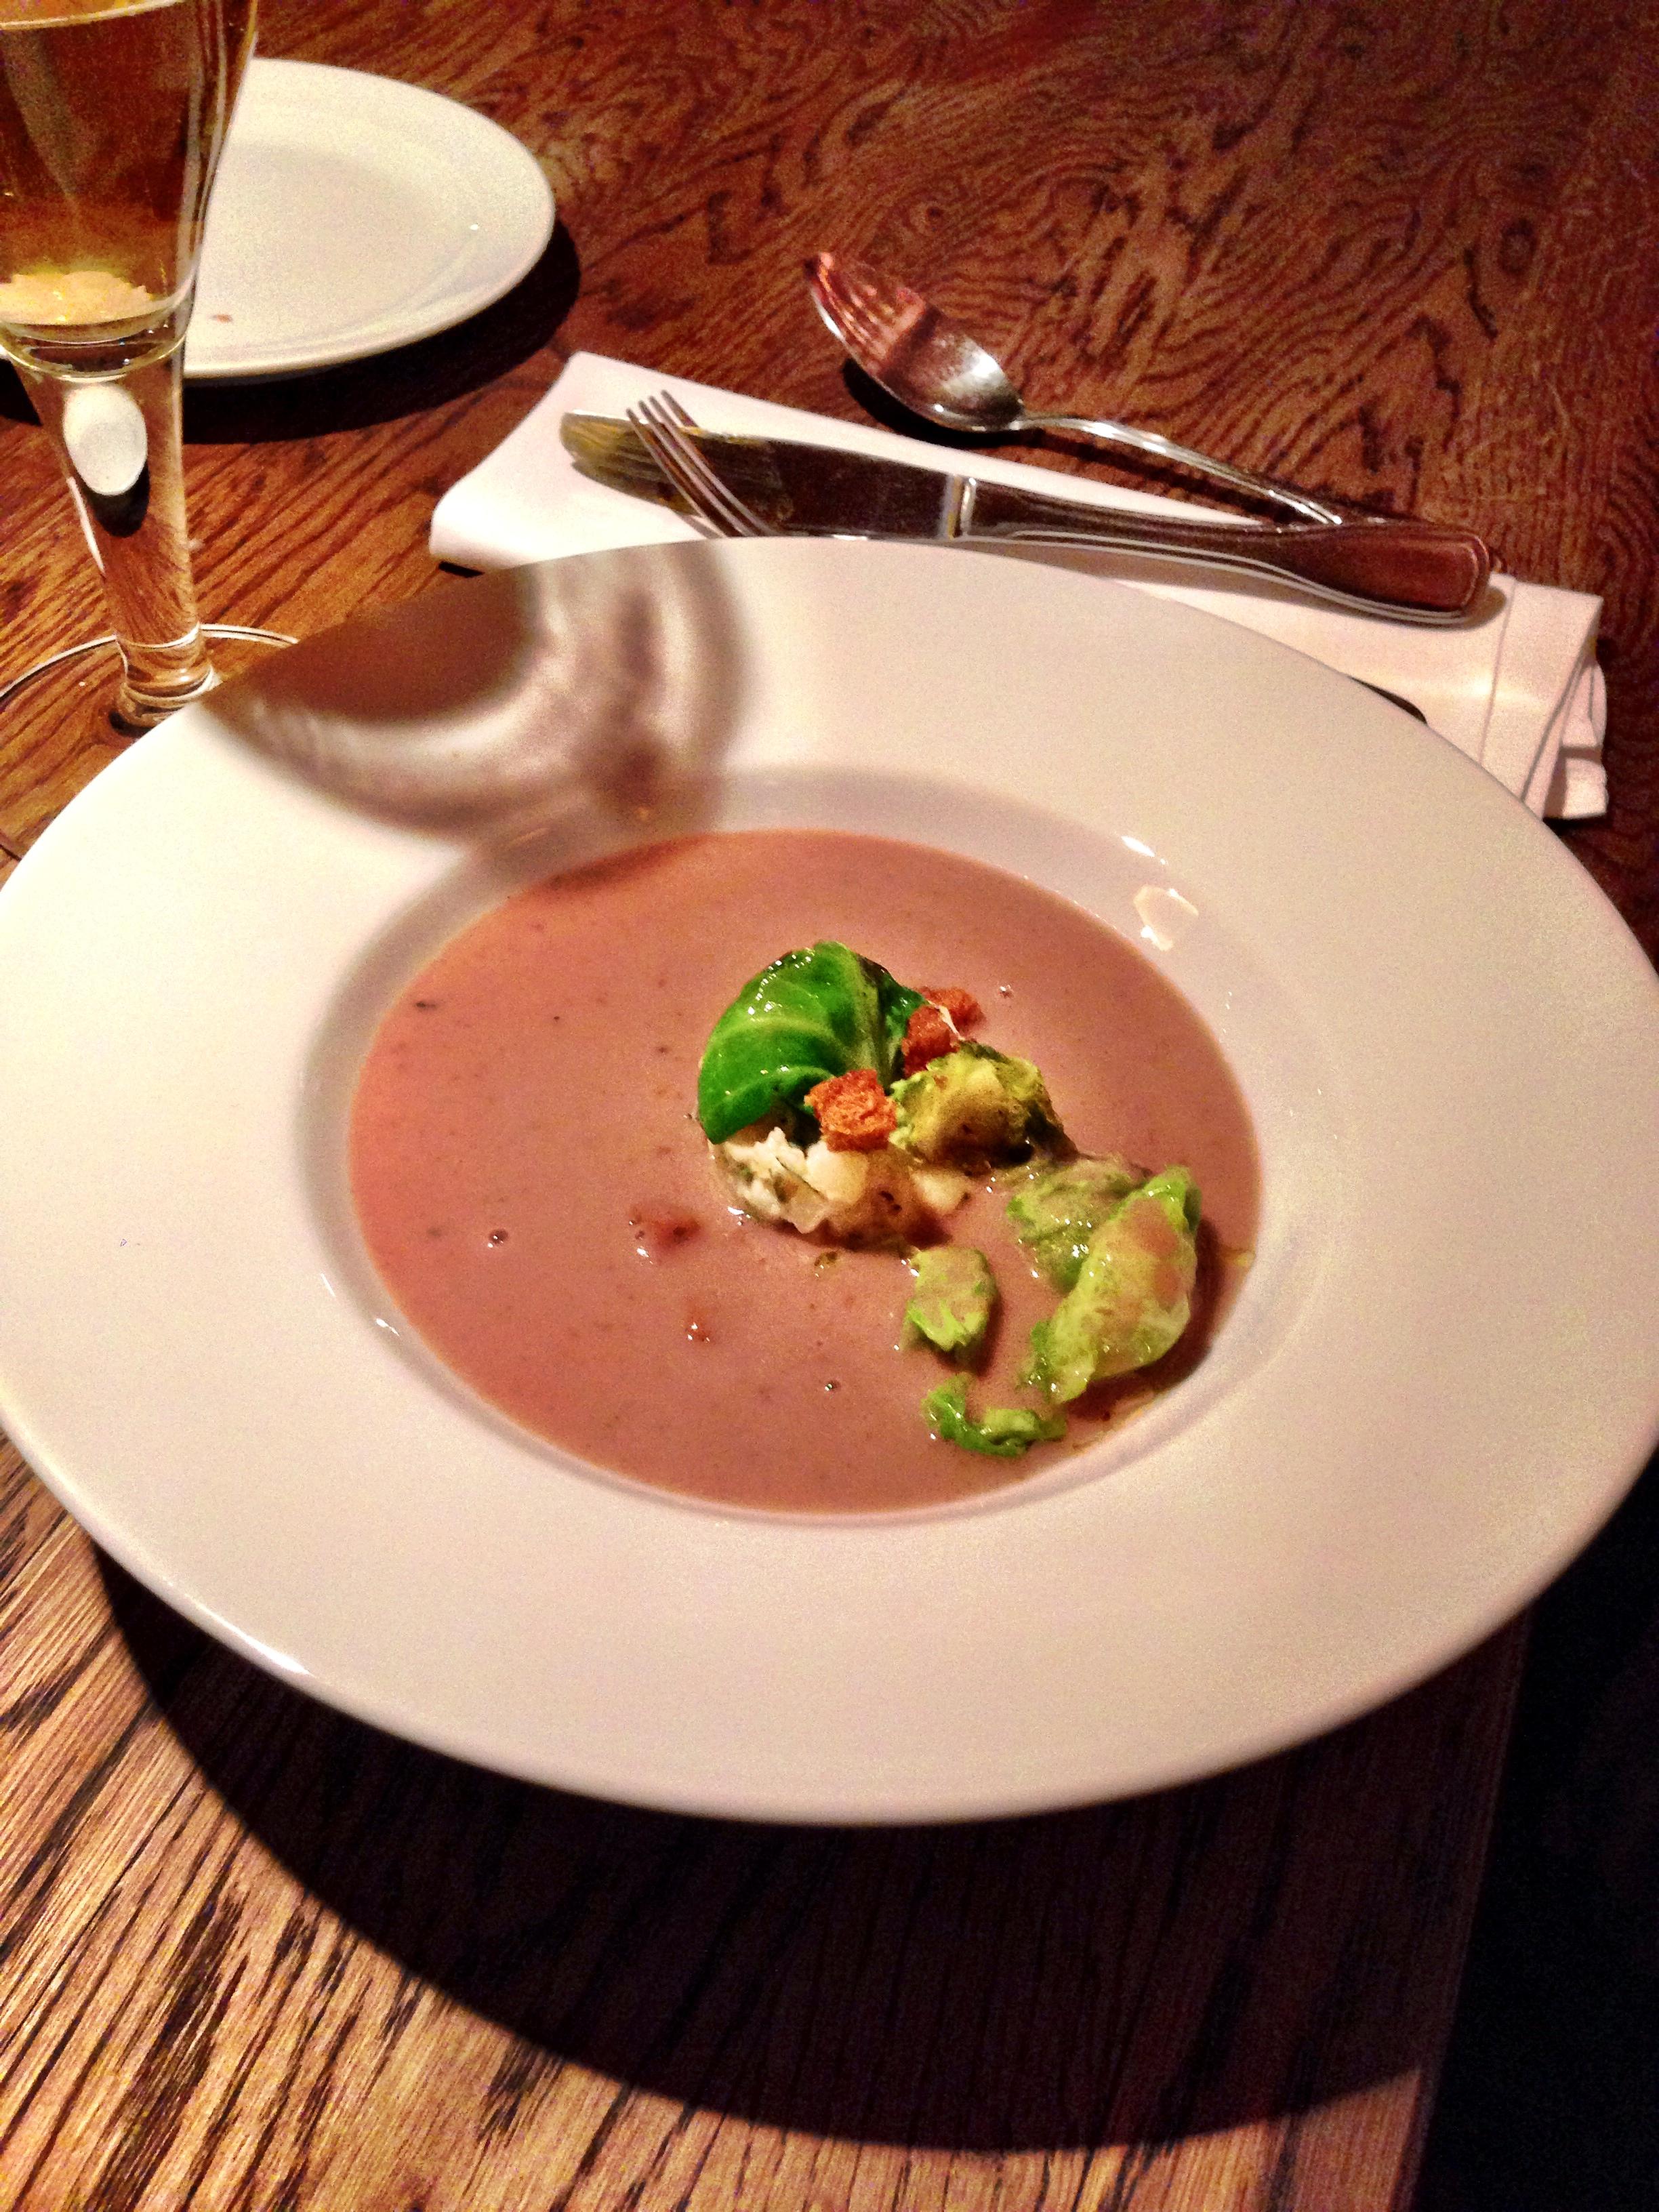 Rosenkohlblätter als Suppeneinlage – das einfache kann so lecker sein